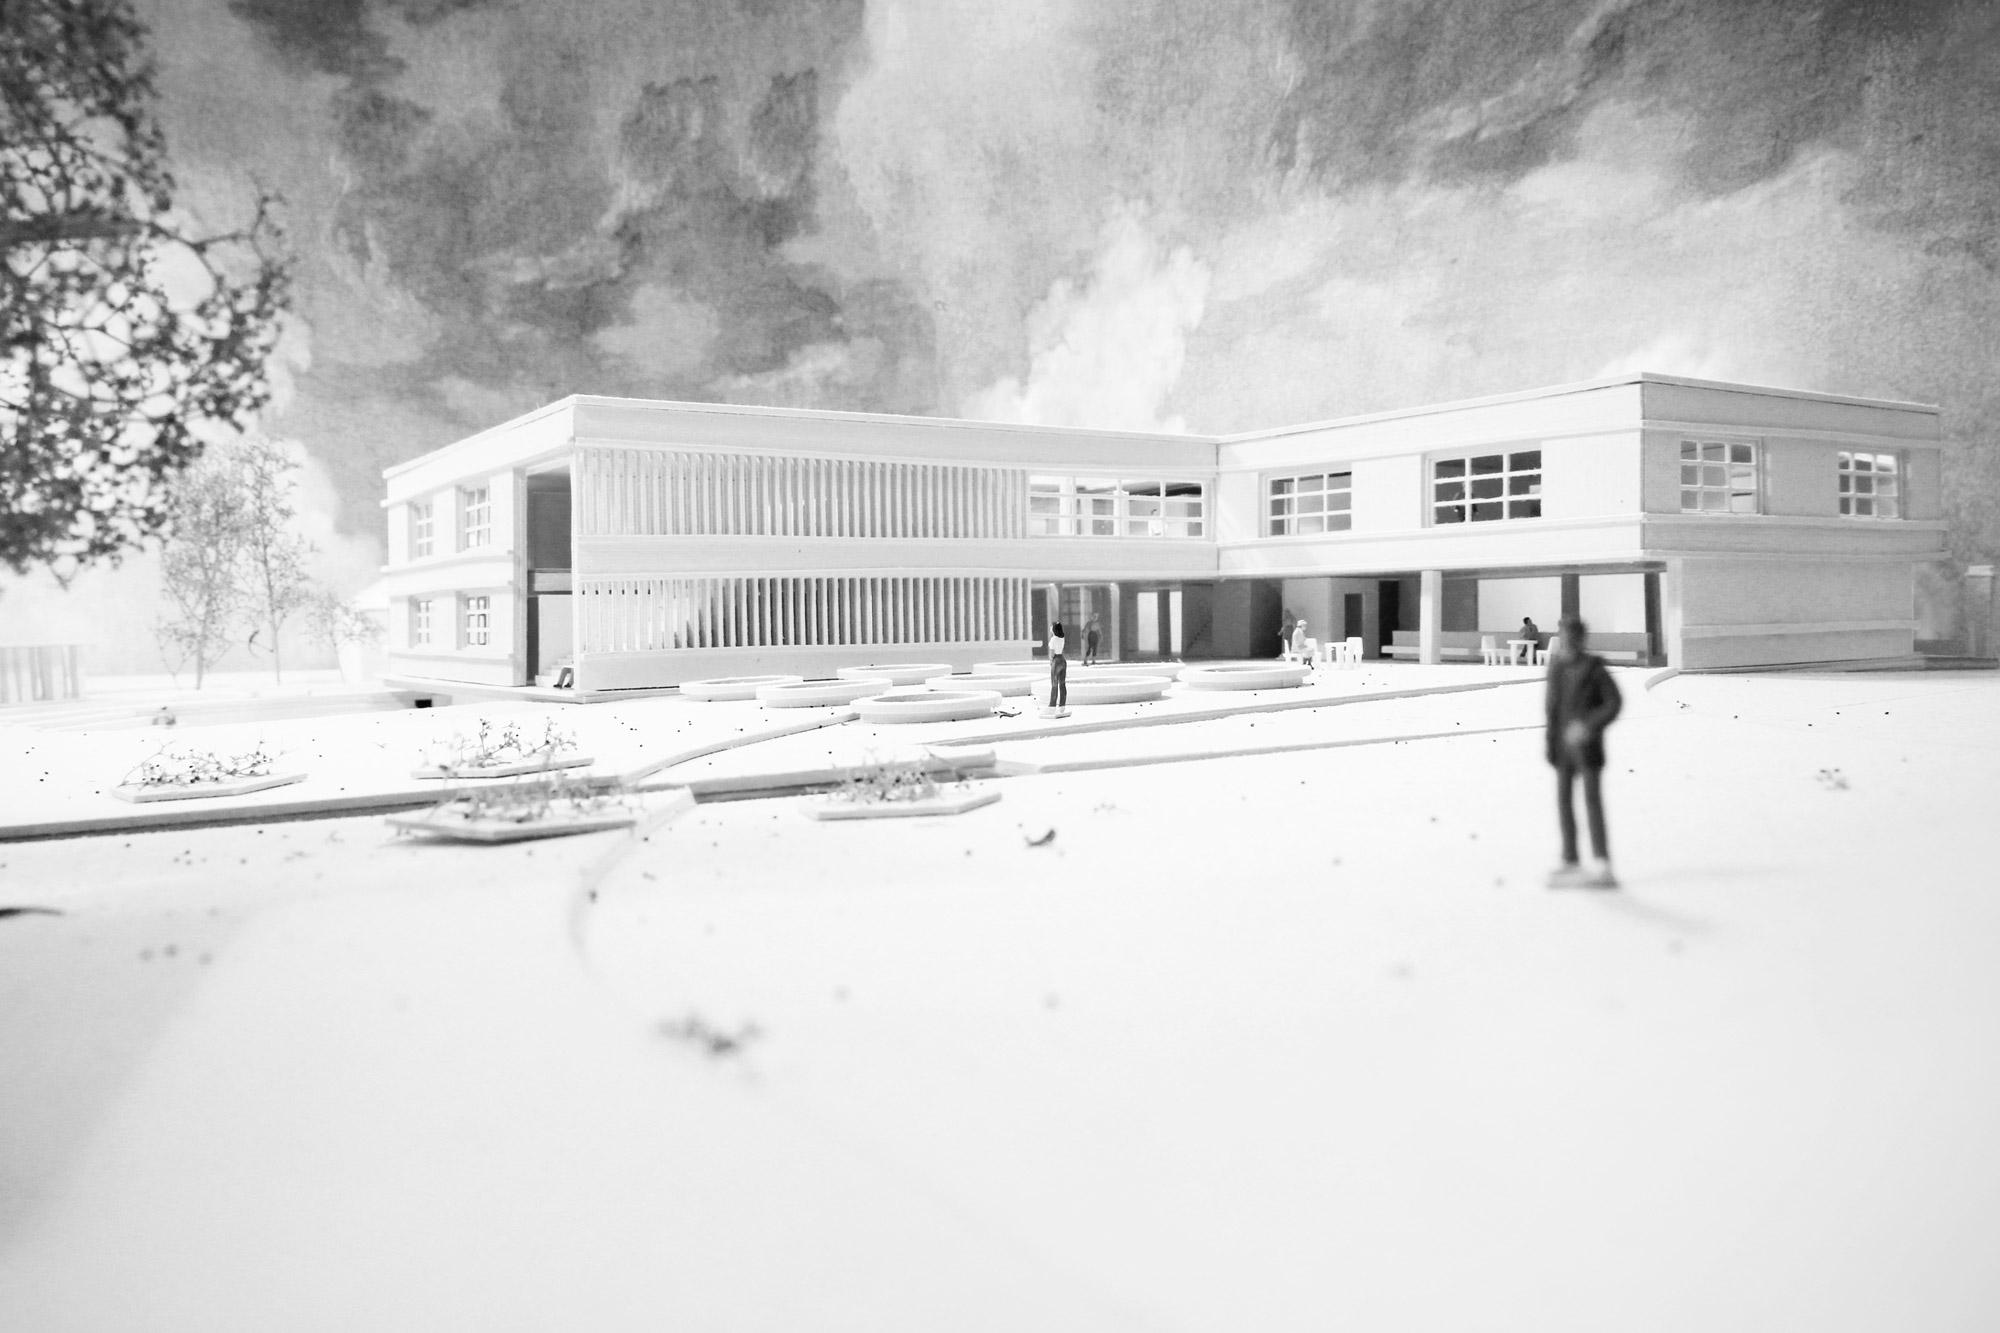 Rudolf Steiner Schule Wien, Österreich, Schenker Salvi Weber, Wettbewerb, Modell, Fassade